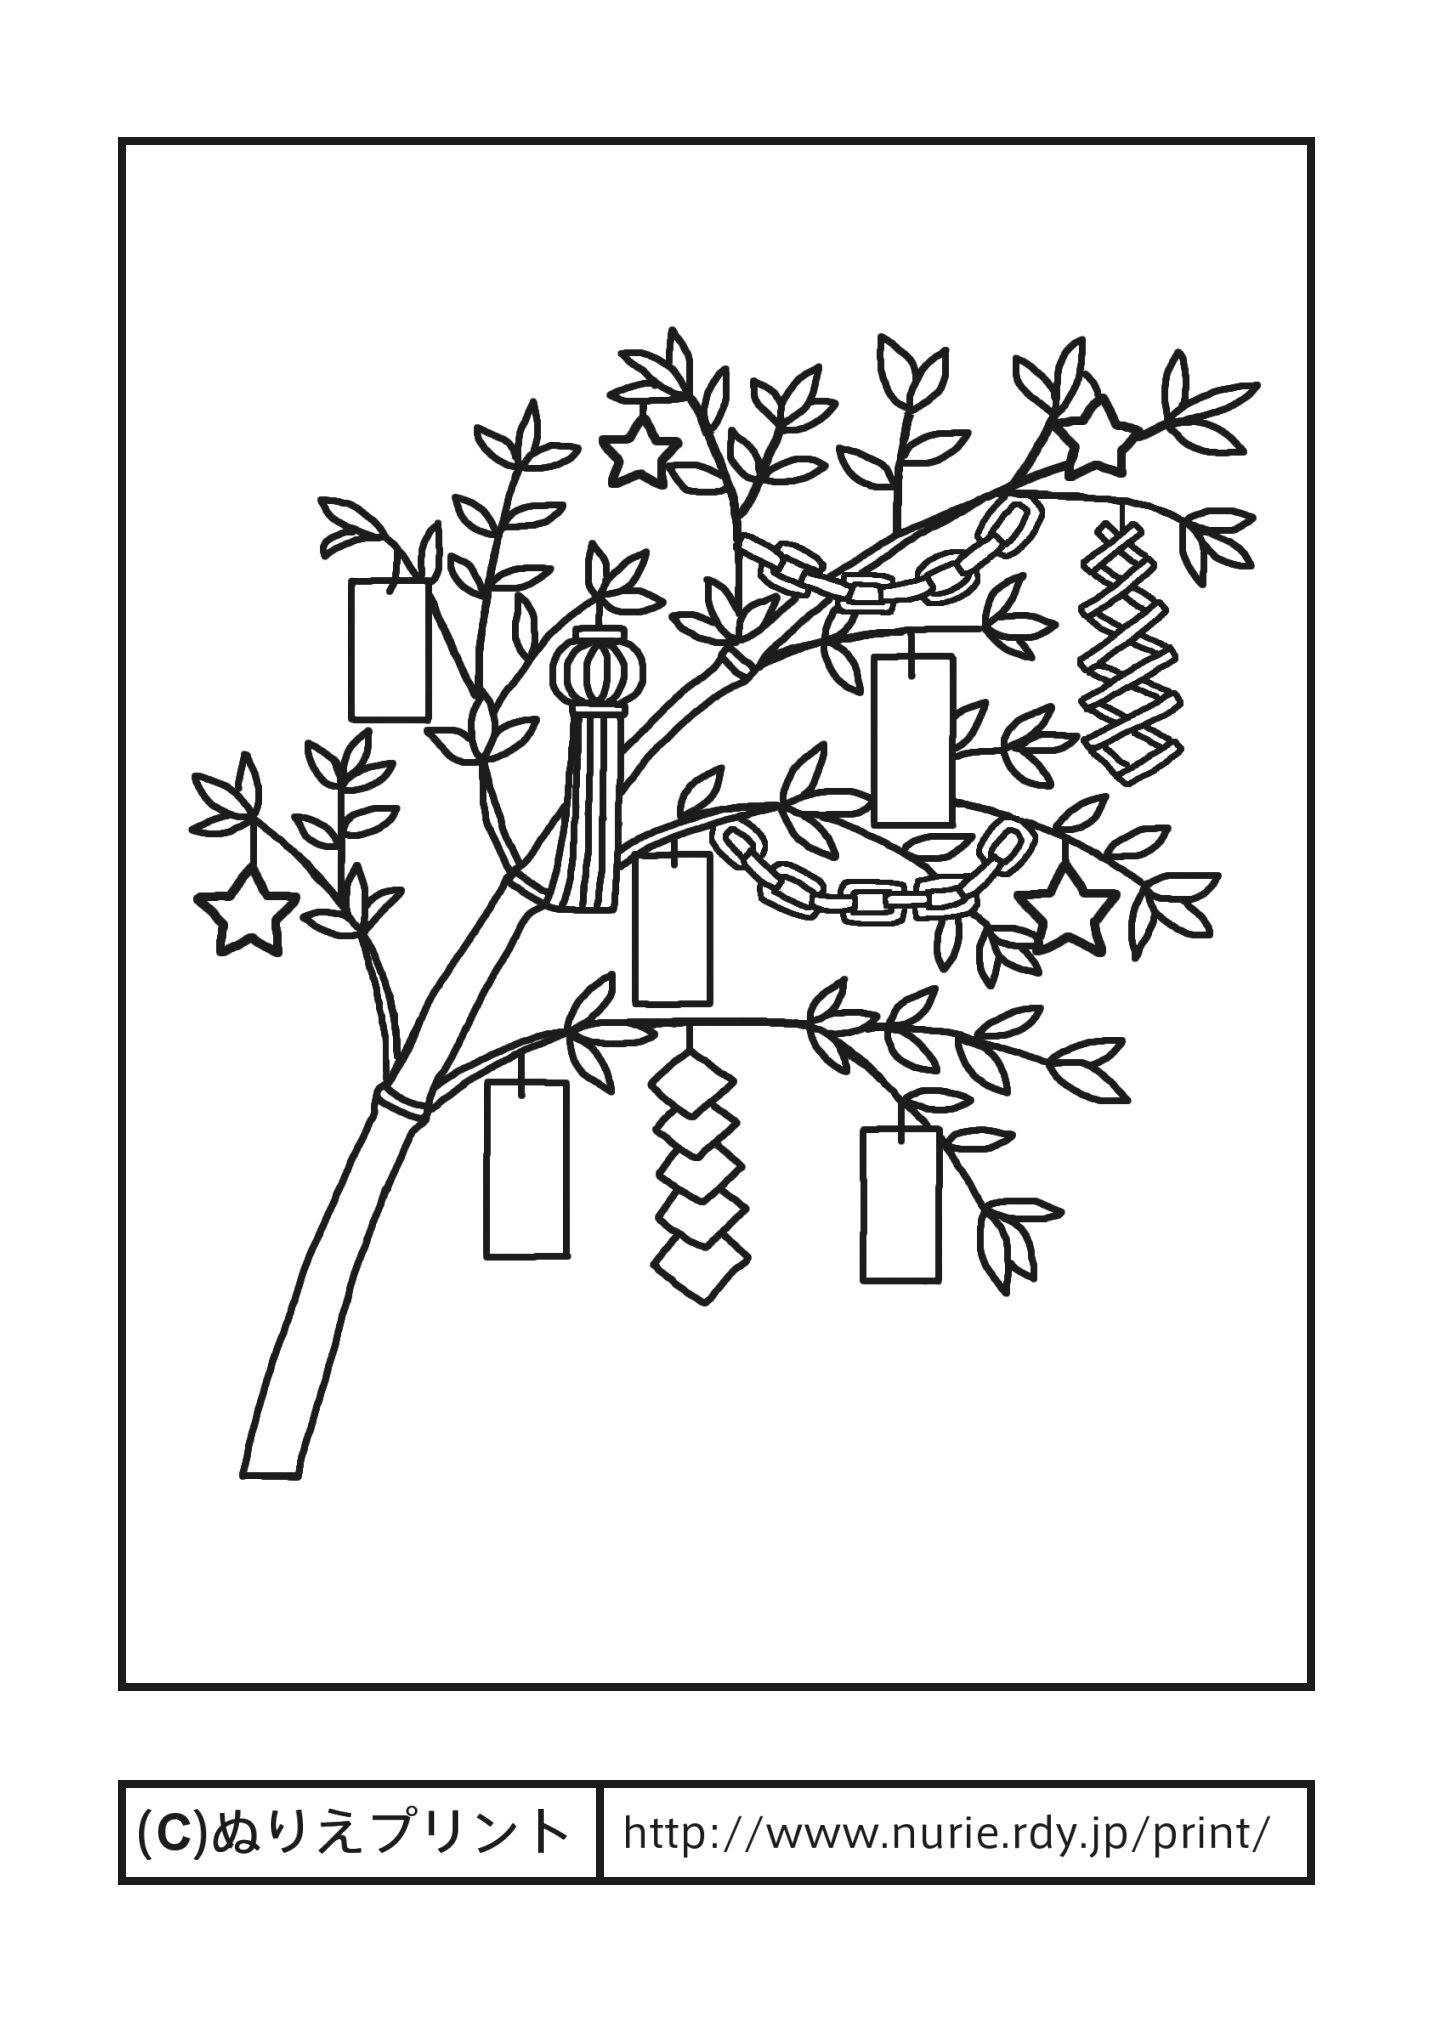 笹の葉の飾りつけ主線黒七夕夏の季節行事大人の塗り絵